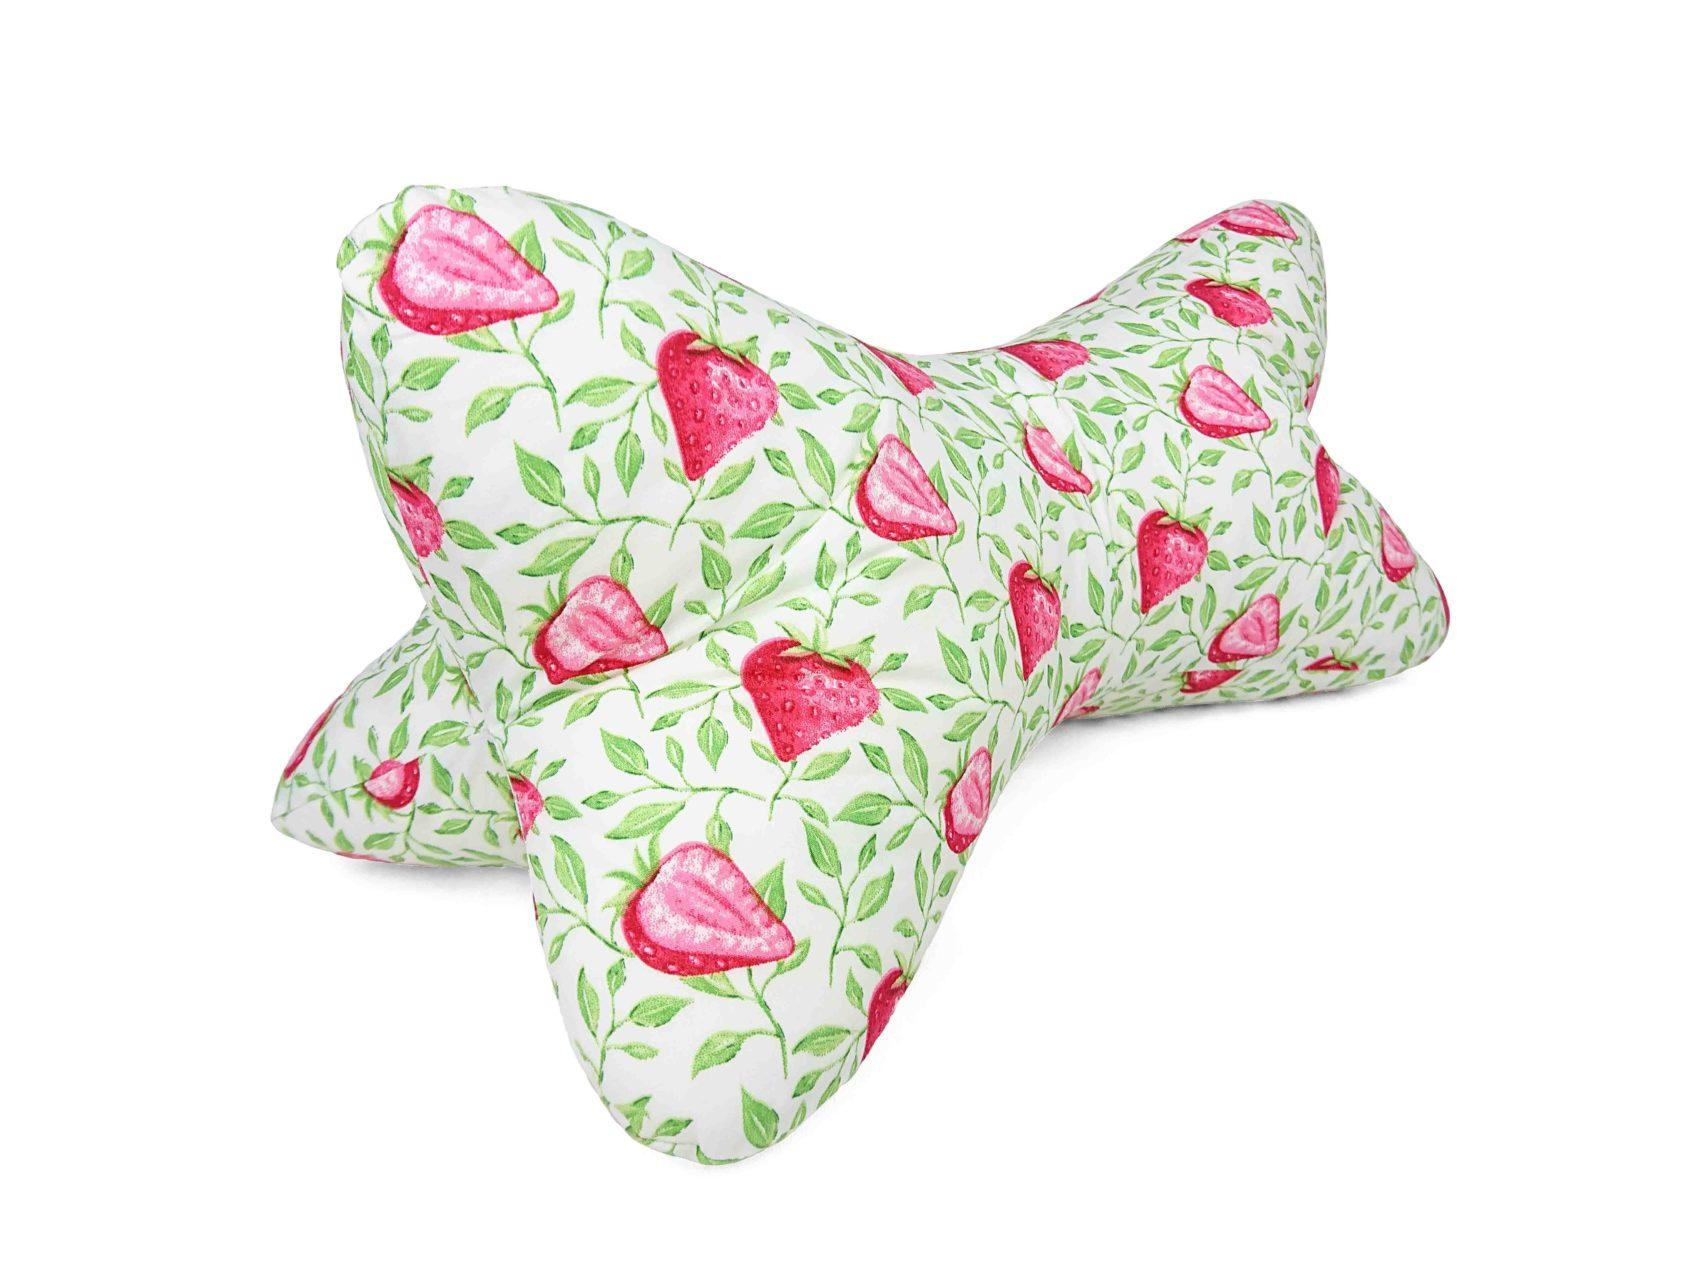 Leseknochen - Erdbeeren